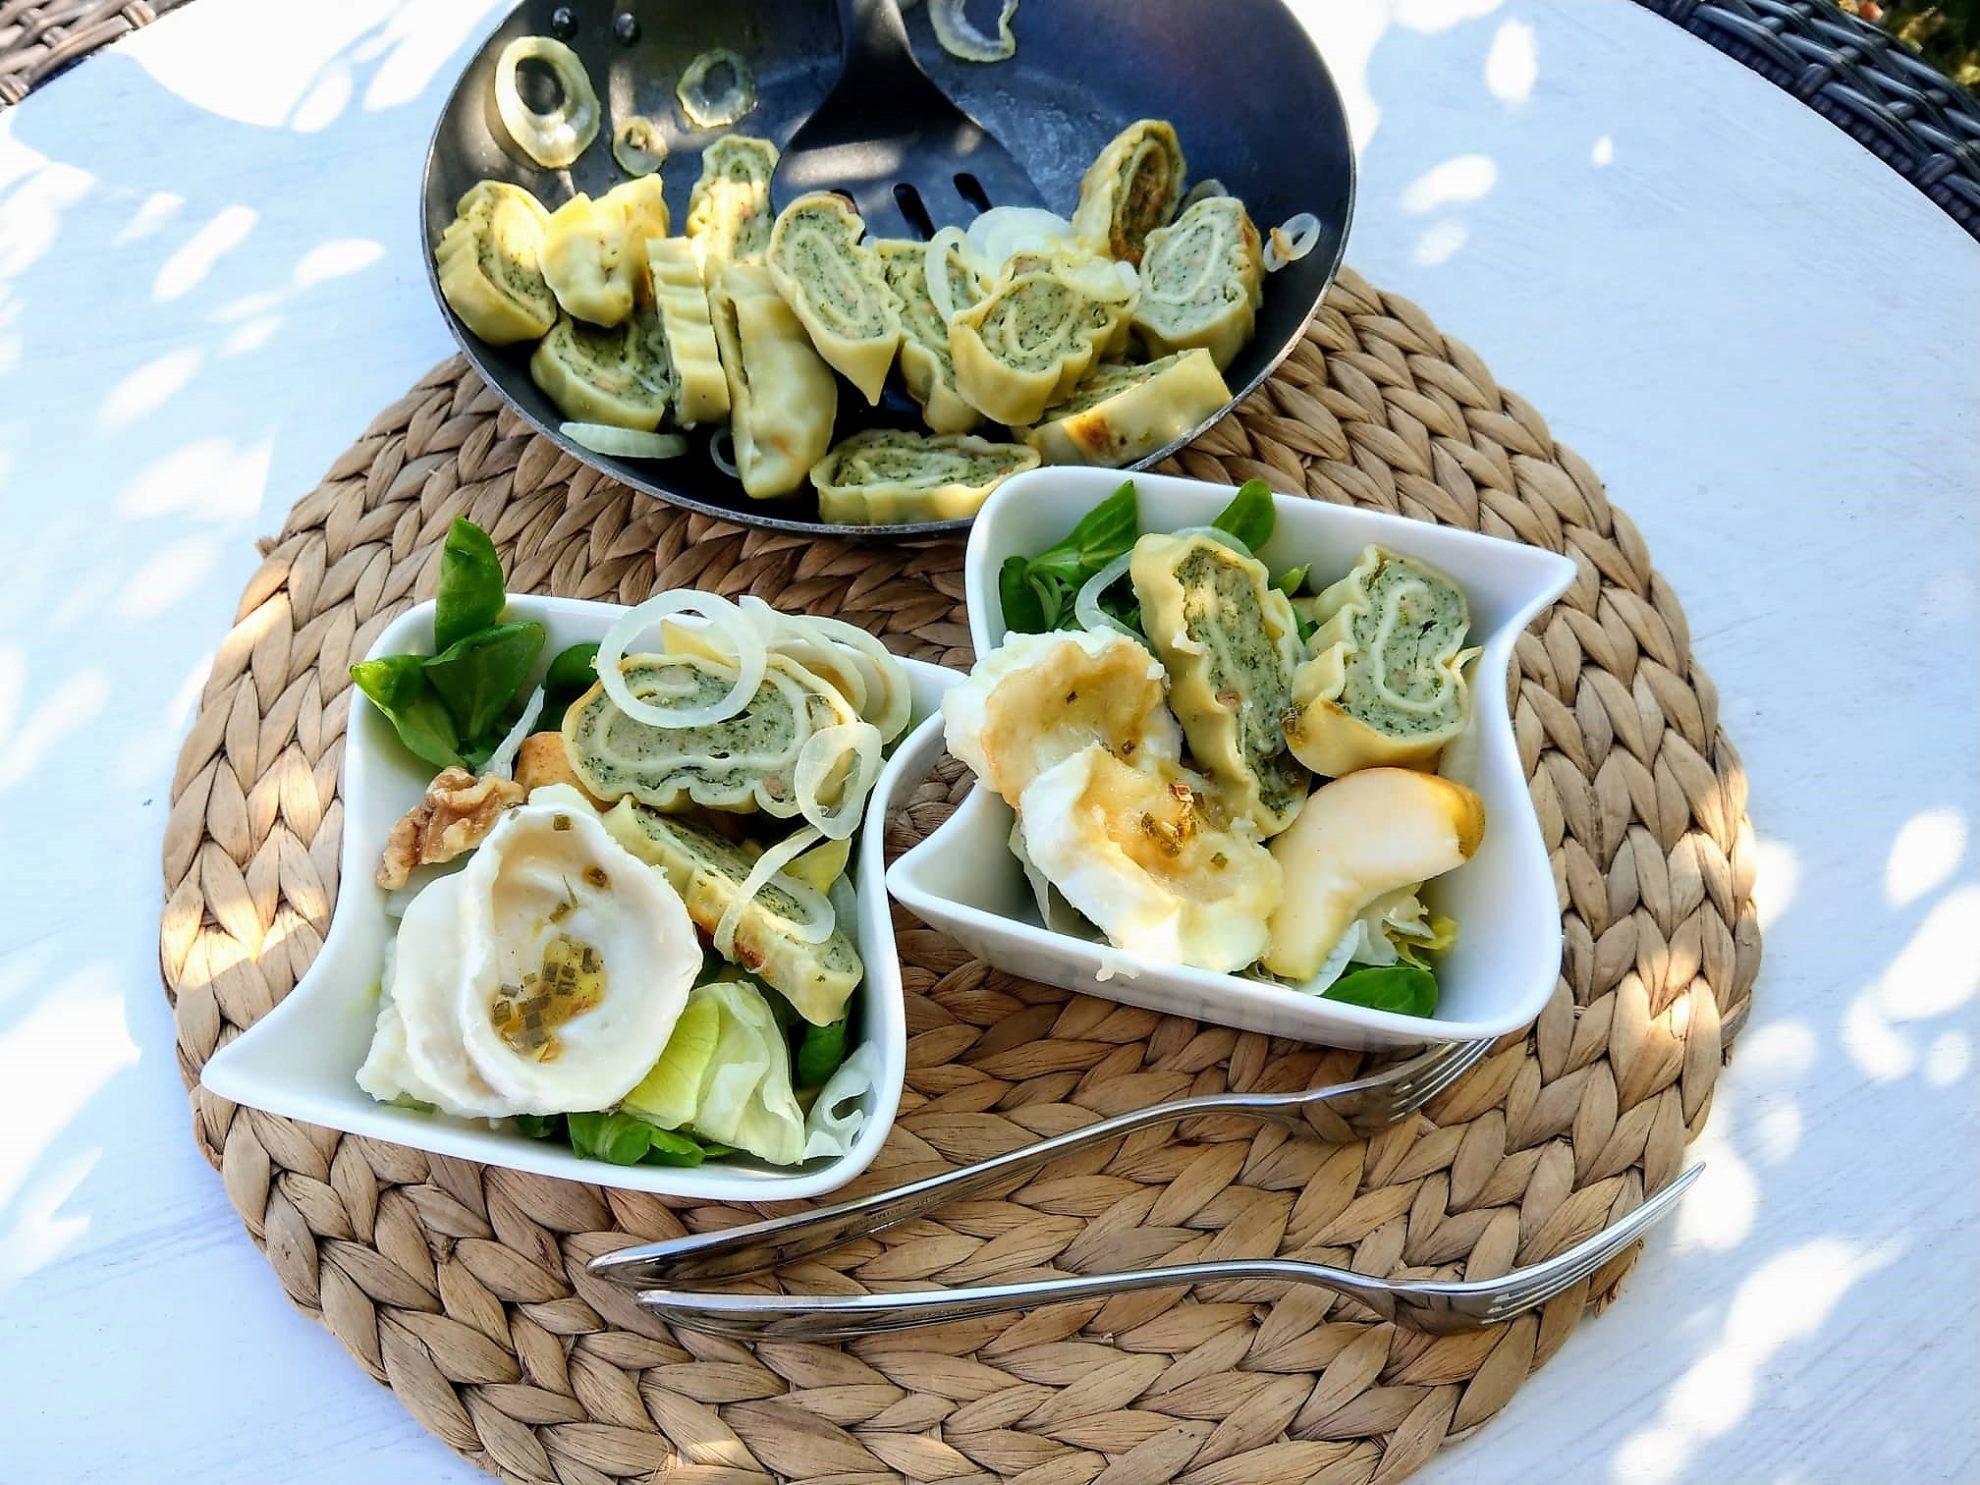 Rezept für Maultaschensalat mit Ziegenkäse und Walnüssen im Großfamilienblog Puddingklecks. Der Mamablog Puddingklecks steht für Familienthemen, Rezepte und alles rund ums Kind.